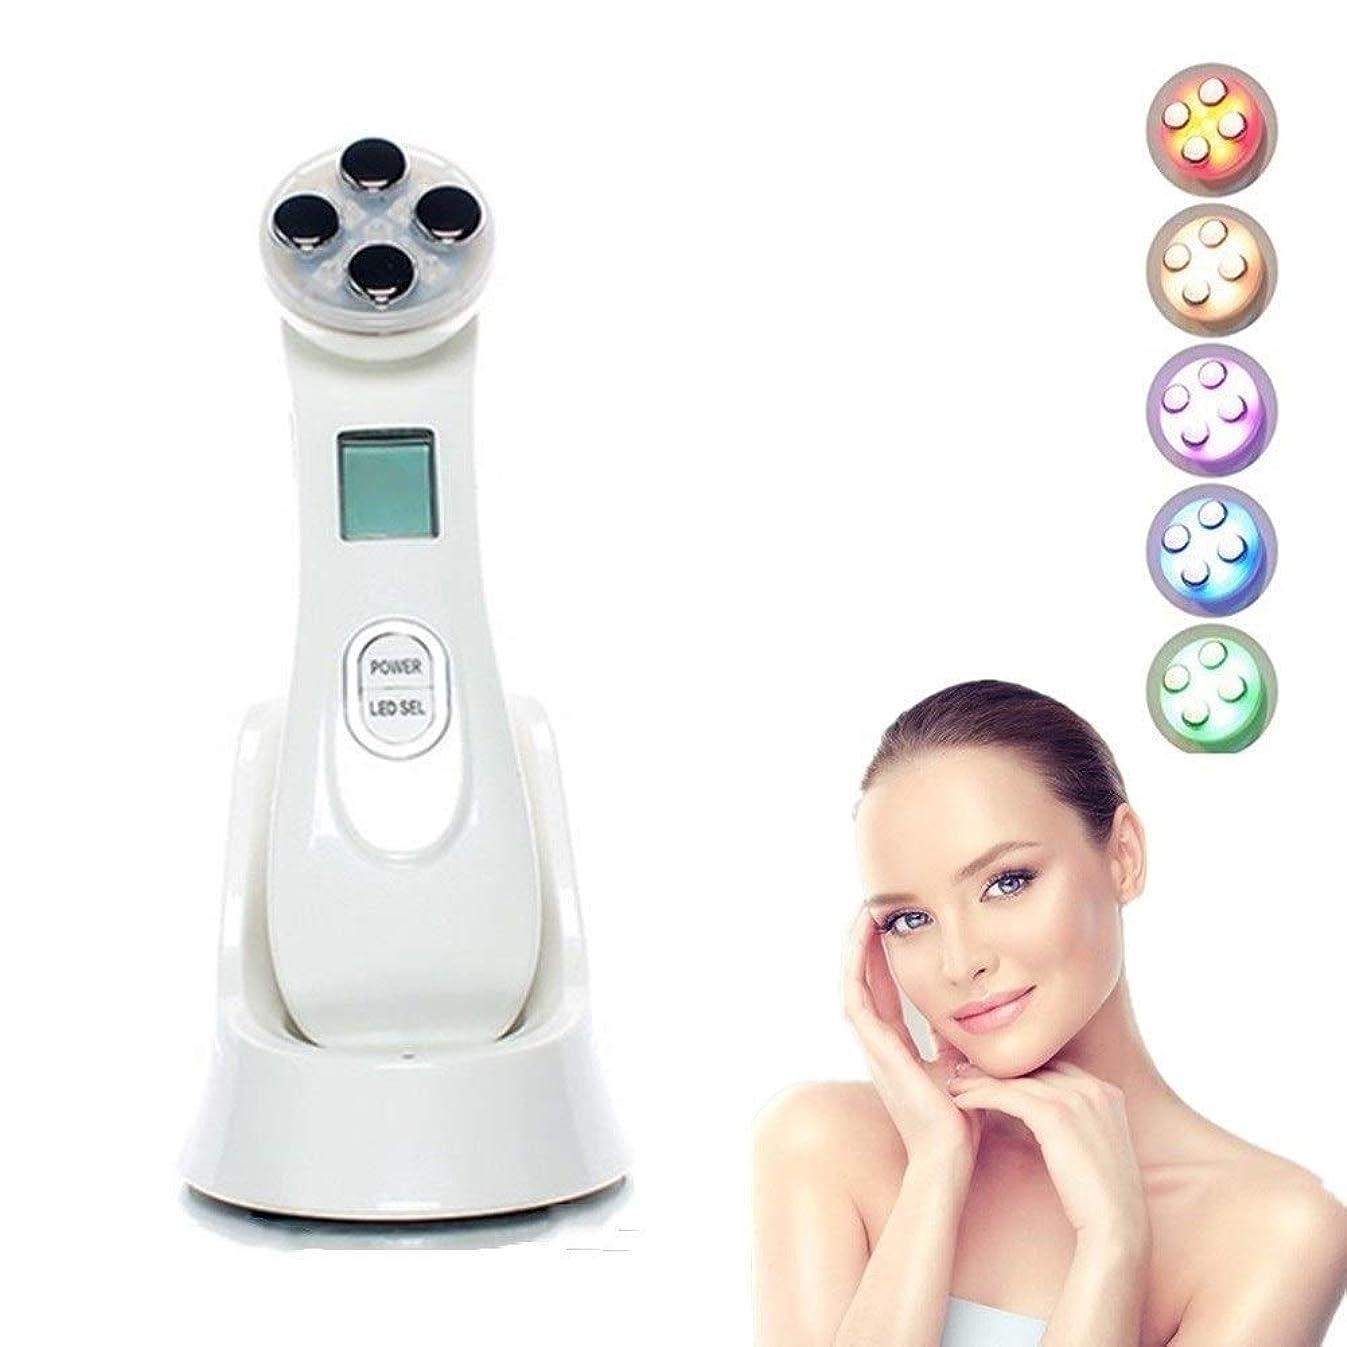 再生可能シンプトンフクロウUltrásǒnic美容機器、フェイシャルマシン&5 in 1赤色LED光線療法6モードフェイシャルマッサージスキンケアフェイシャルクレンザーアンチエイジング